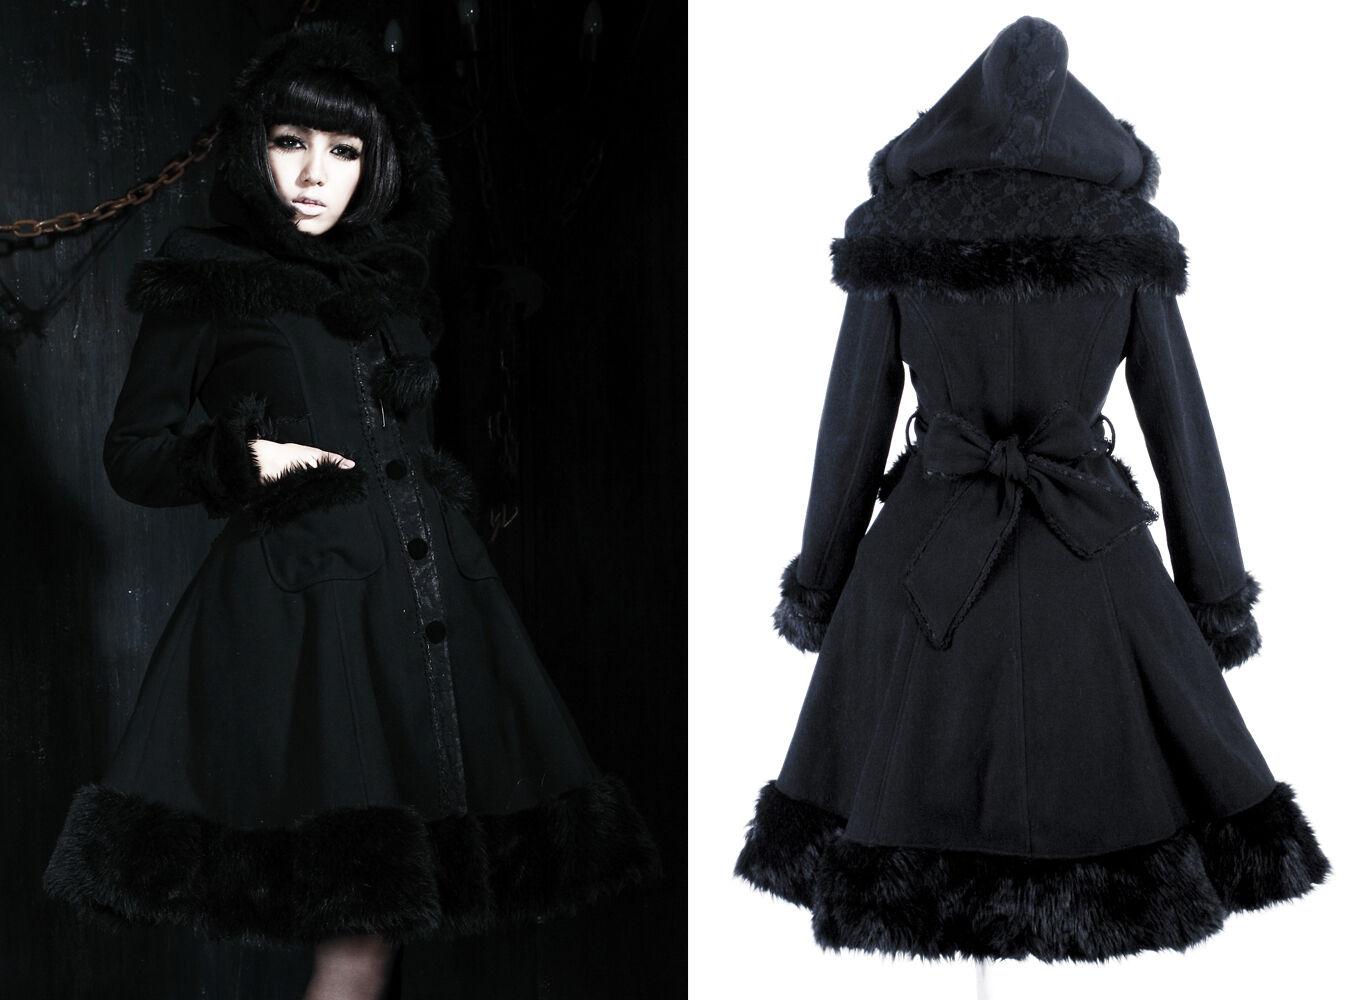 Manteau gothique lolita capuche princesse hiver fourrure dentelle Alice PunkRave